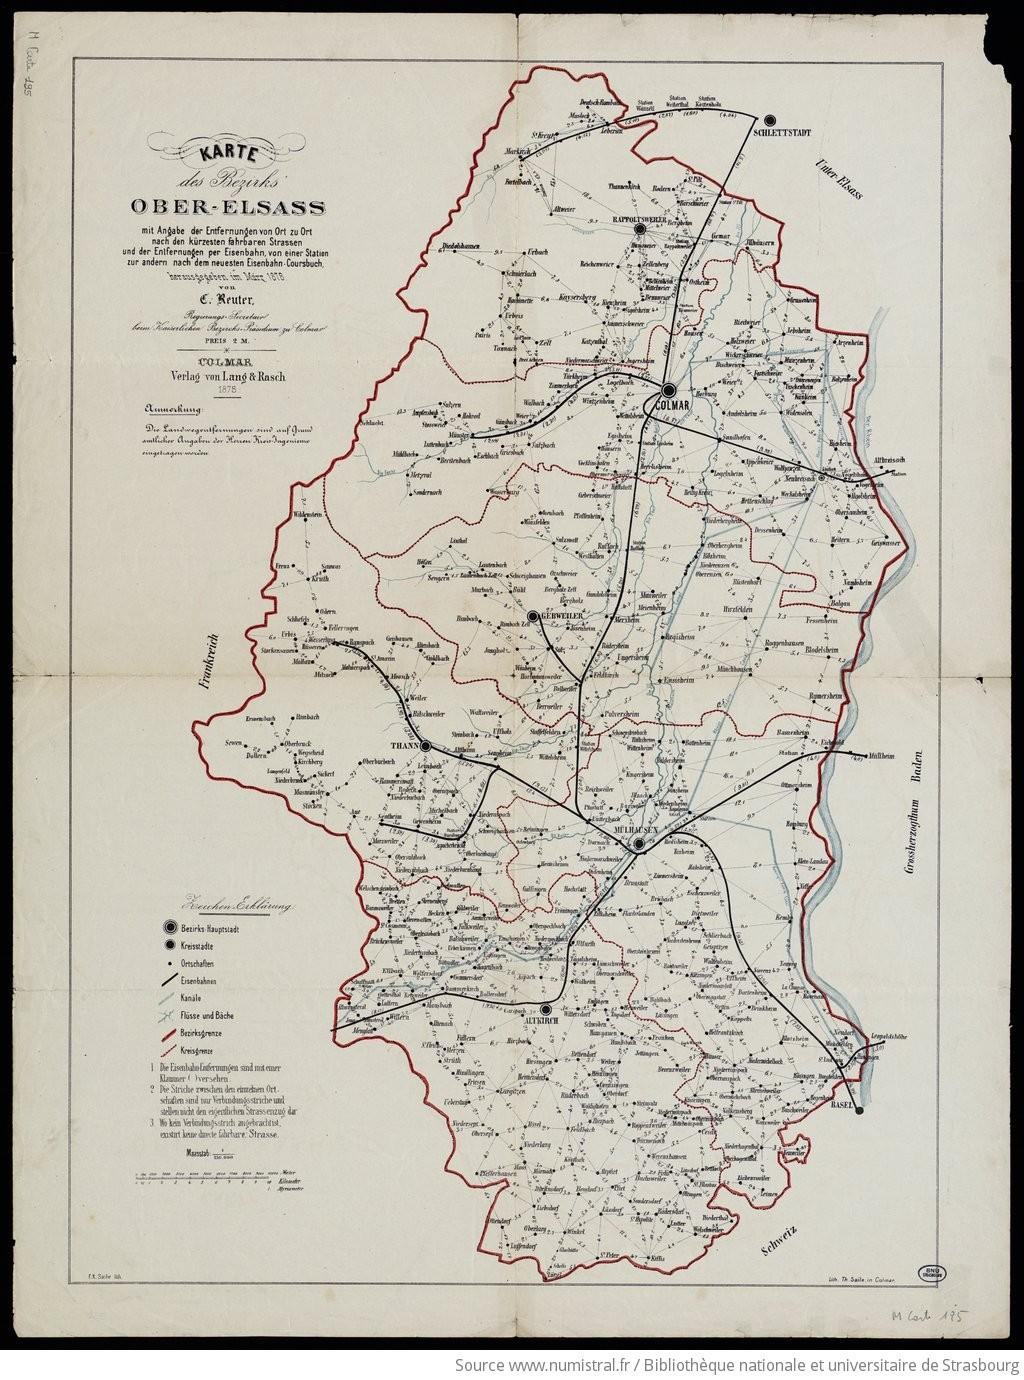 Elsass Auf Karte.Karte Des Bezirks Ober Elsass Mit Angabe Der Entfernungen Von Ort